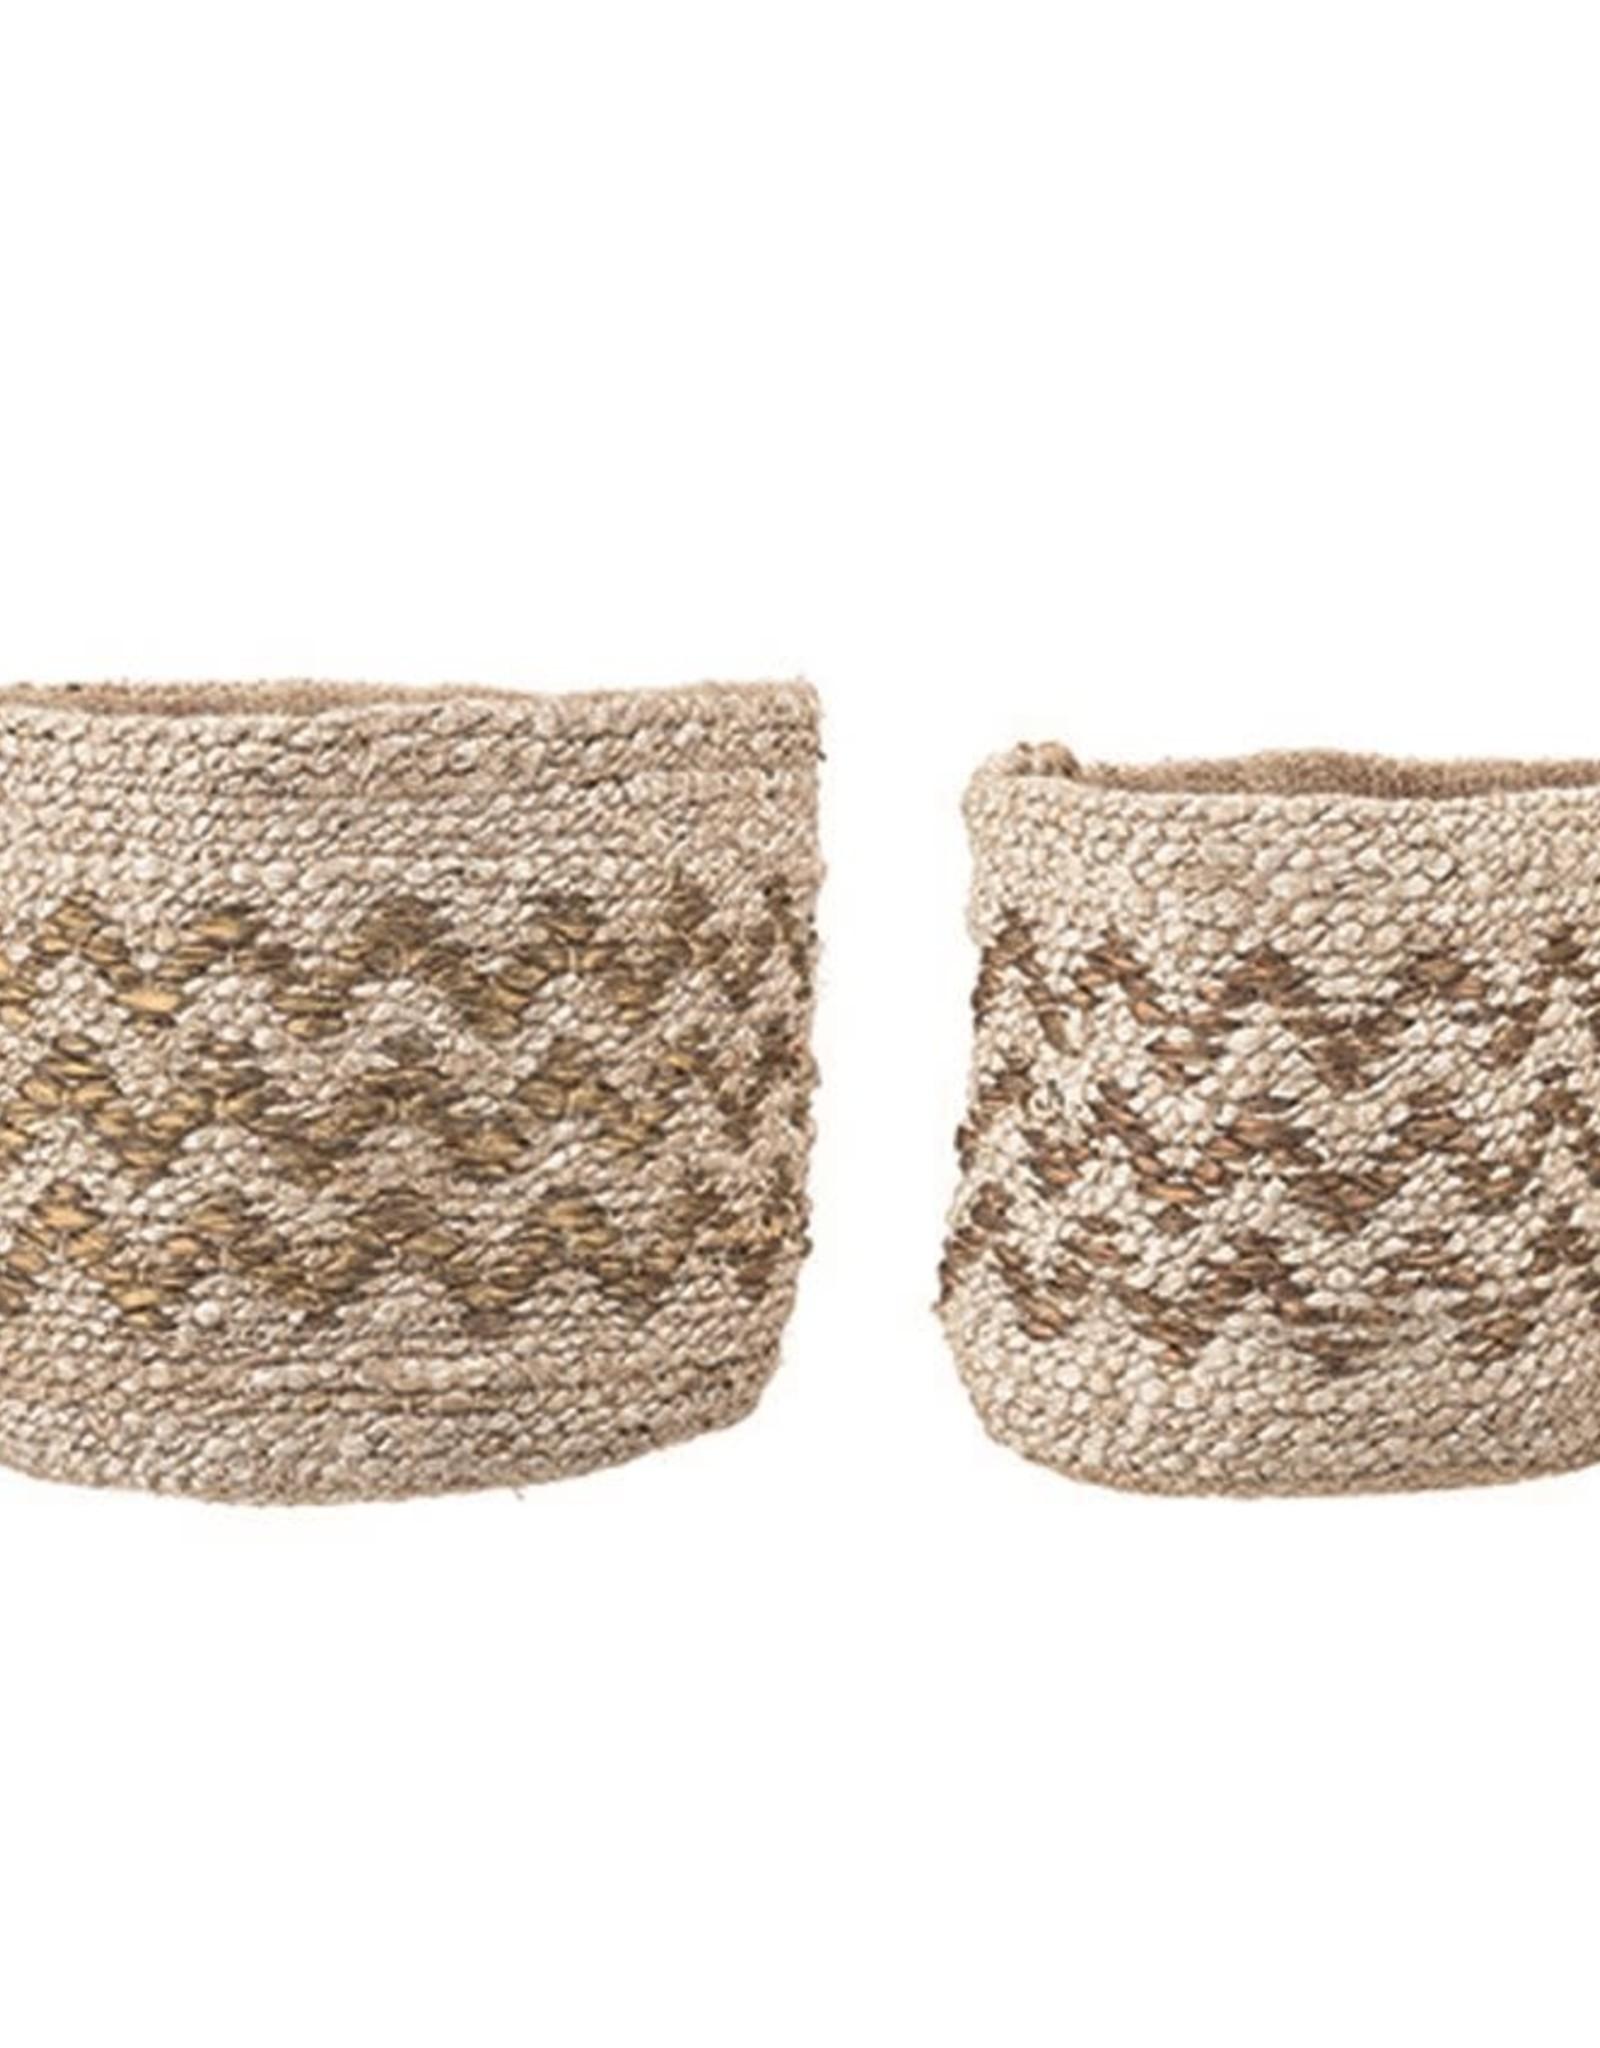 Bloomingville Zig or Zag Jute Storage Baskets (Set of 2)